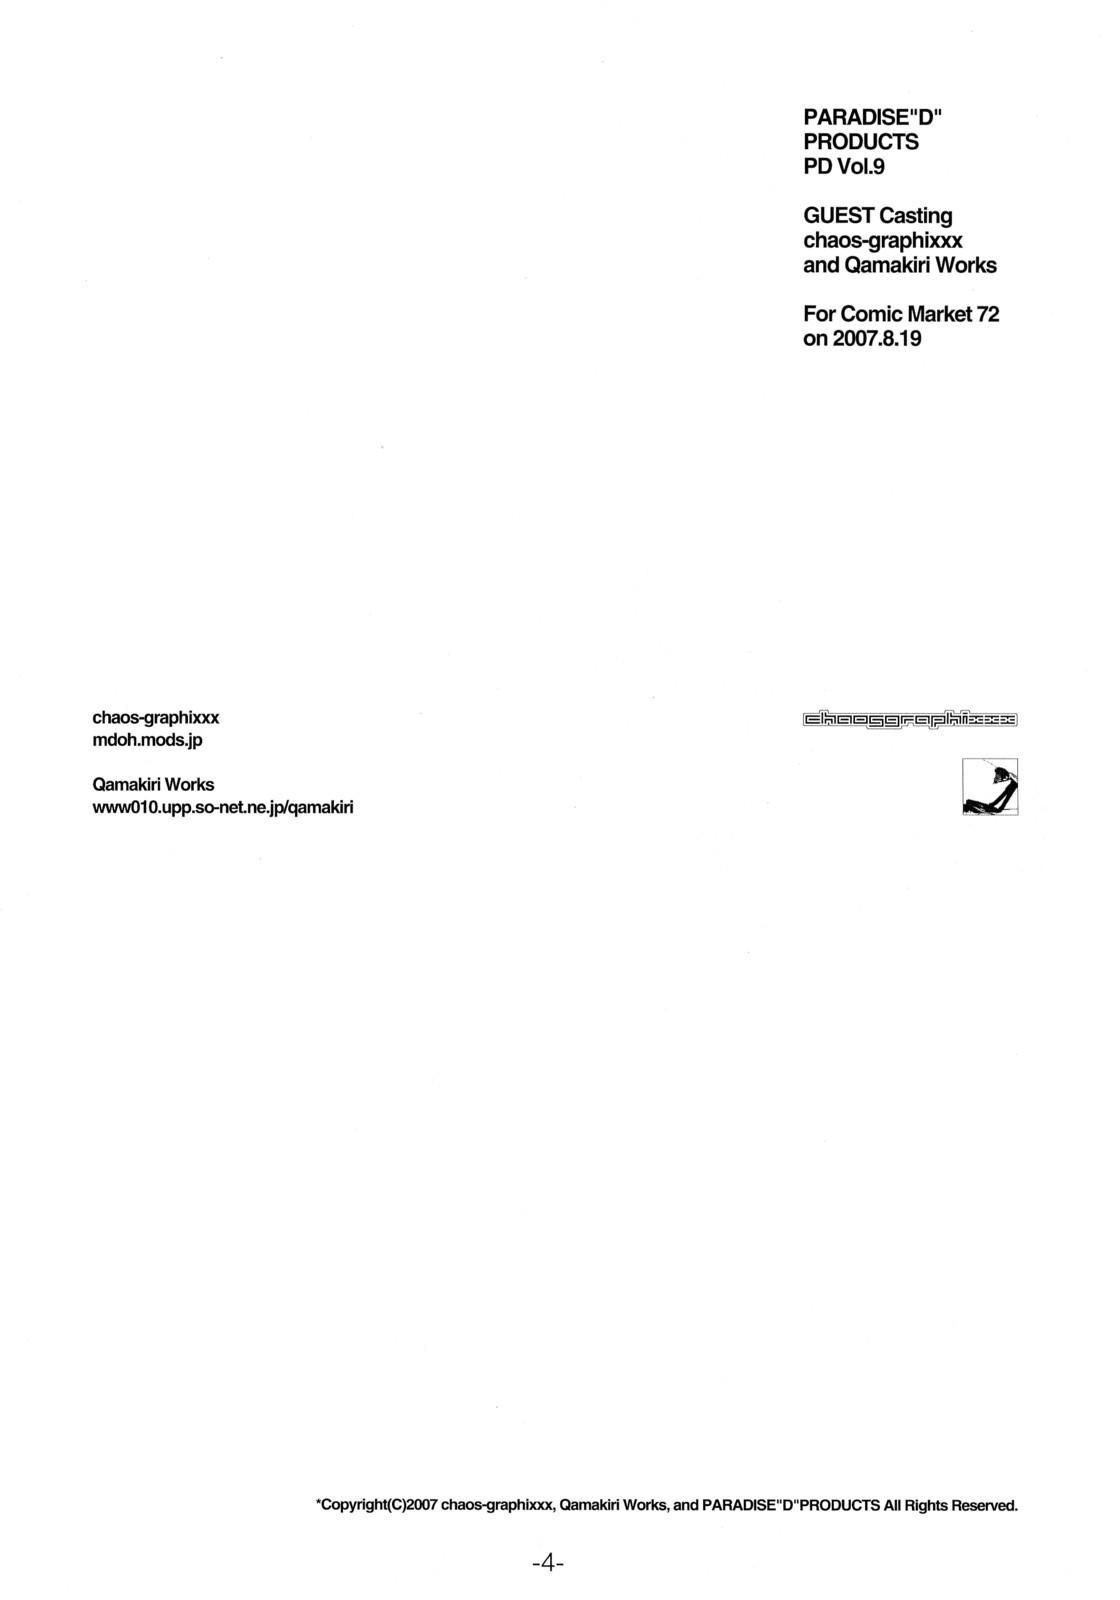 PD Vol.9 2